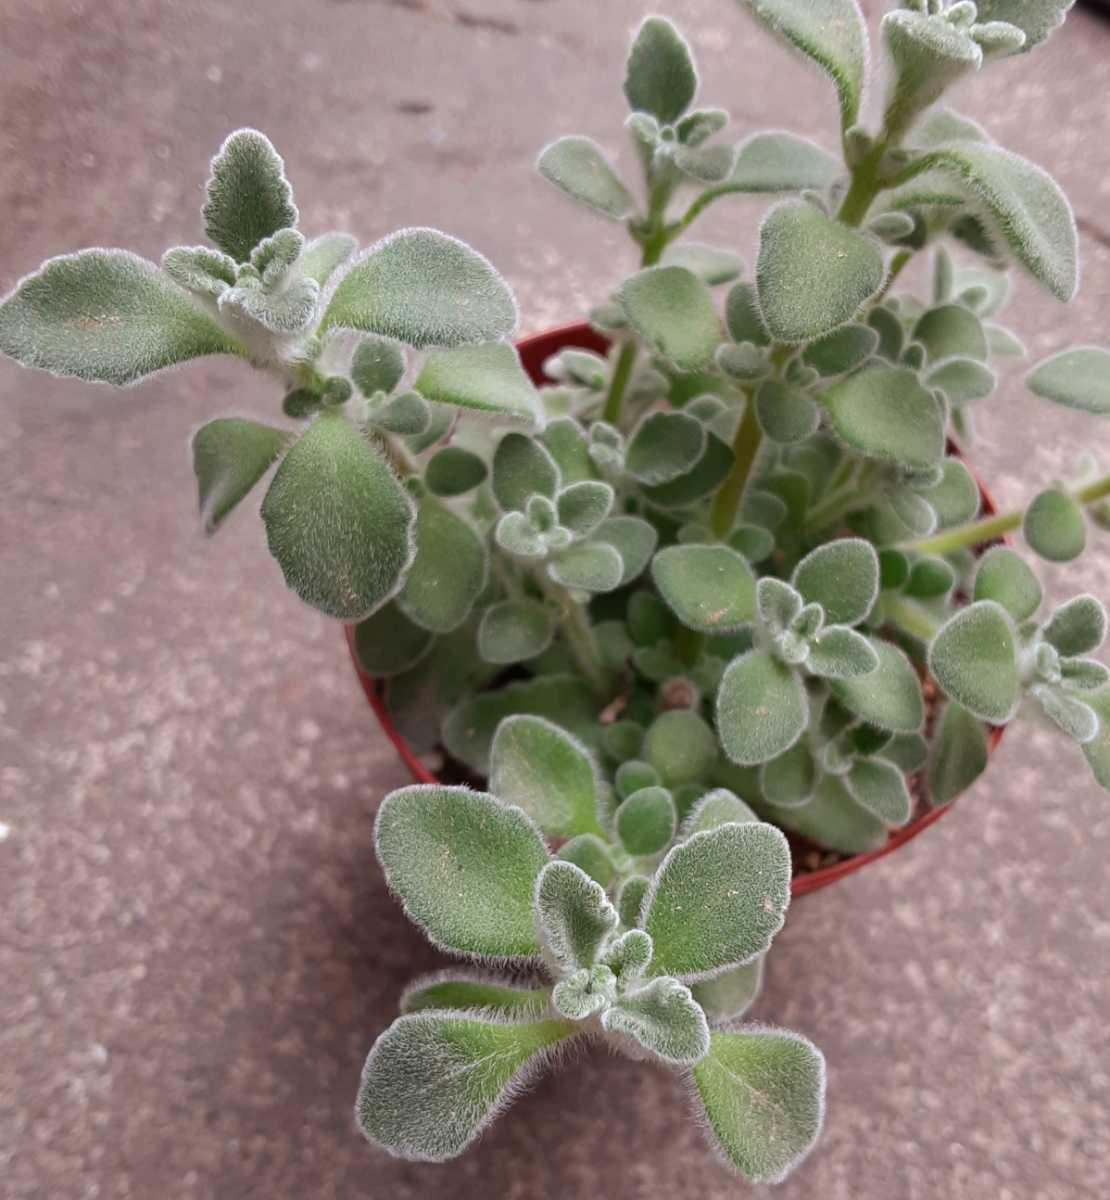 オマケつき 多肉植物 ハーブ シルバーグラス プレクトランサス カット苗2本☆2~3cm程の大きさ、長さ_画像2